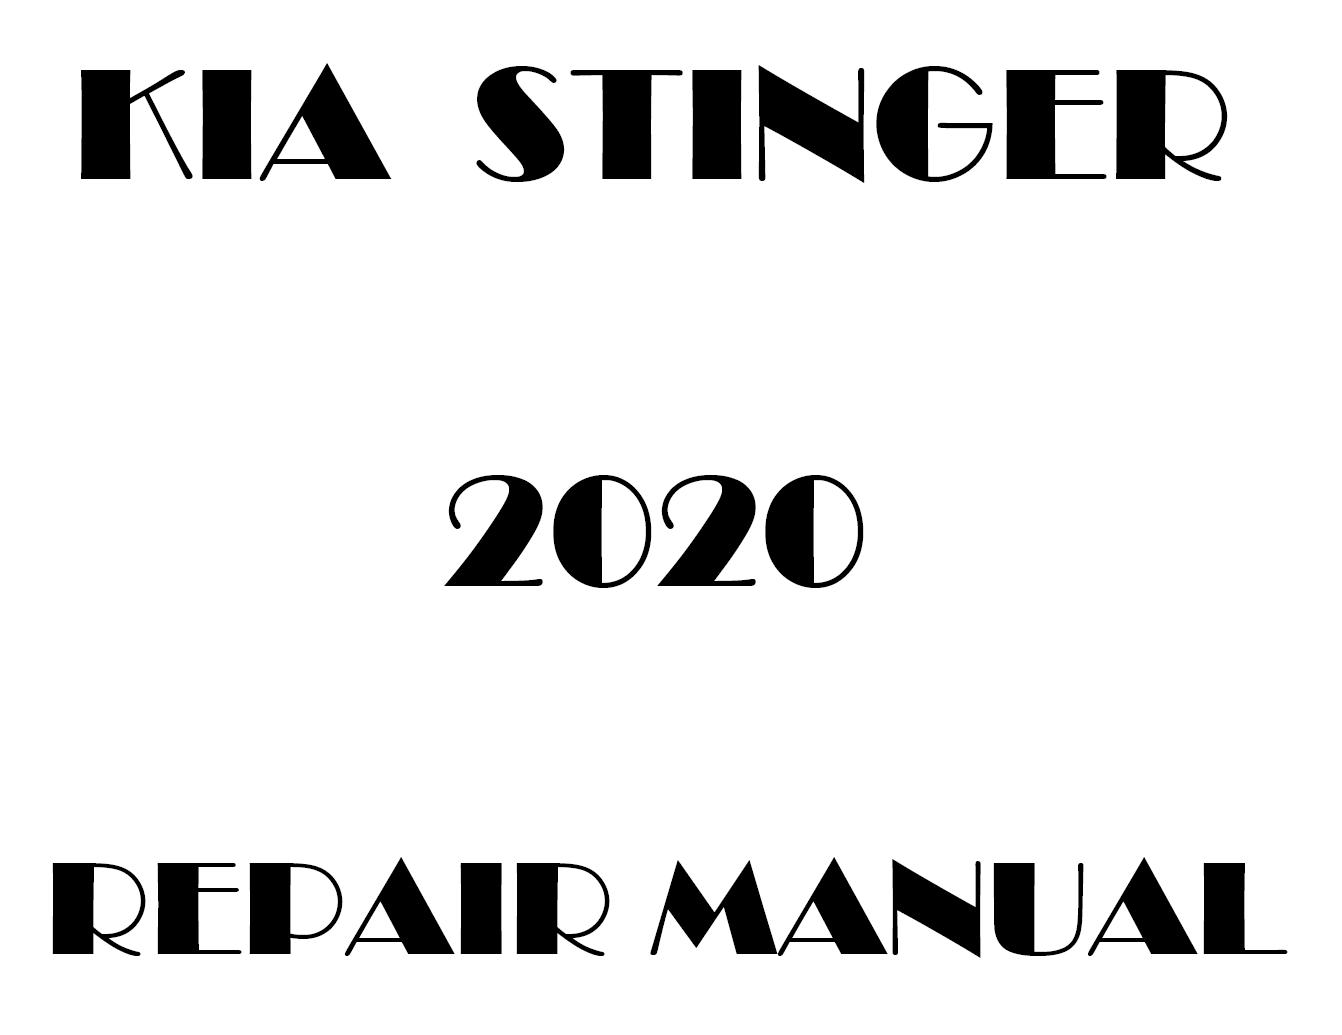 2020 Kia Stinger factory repair manual